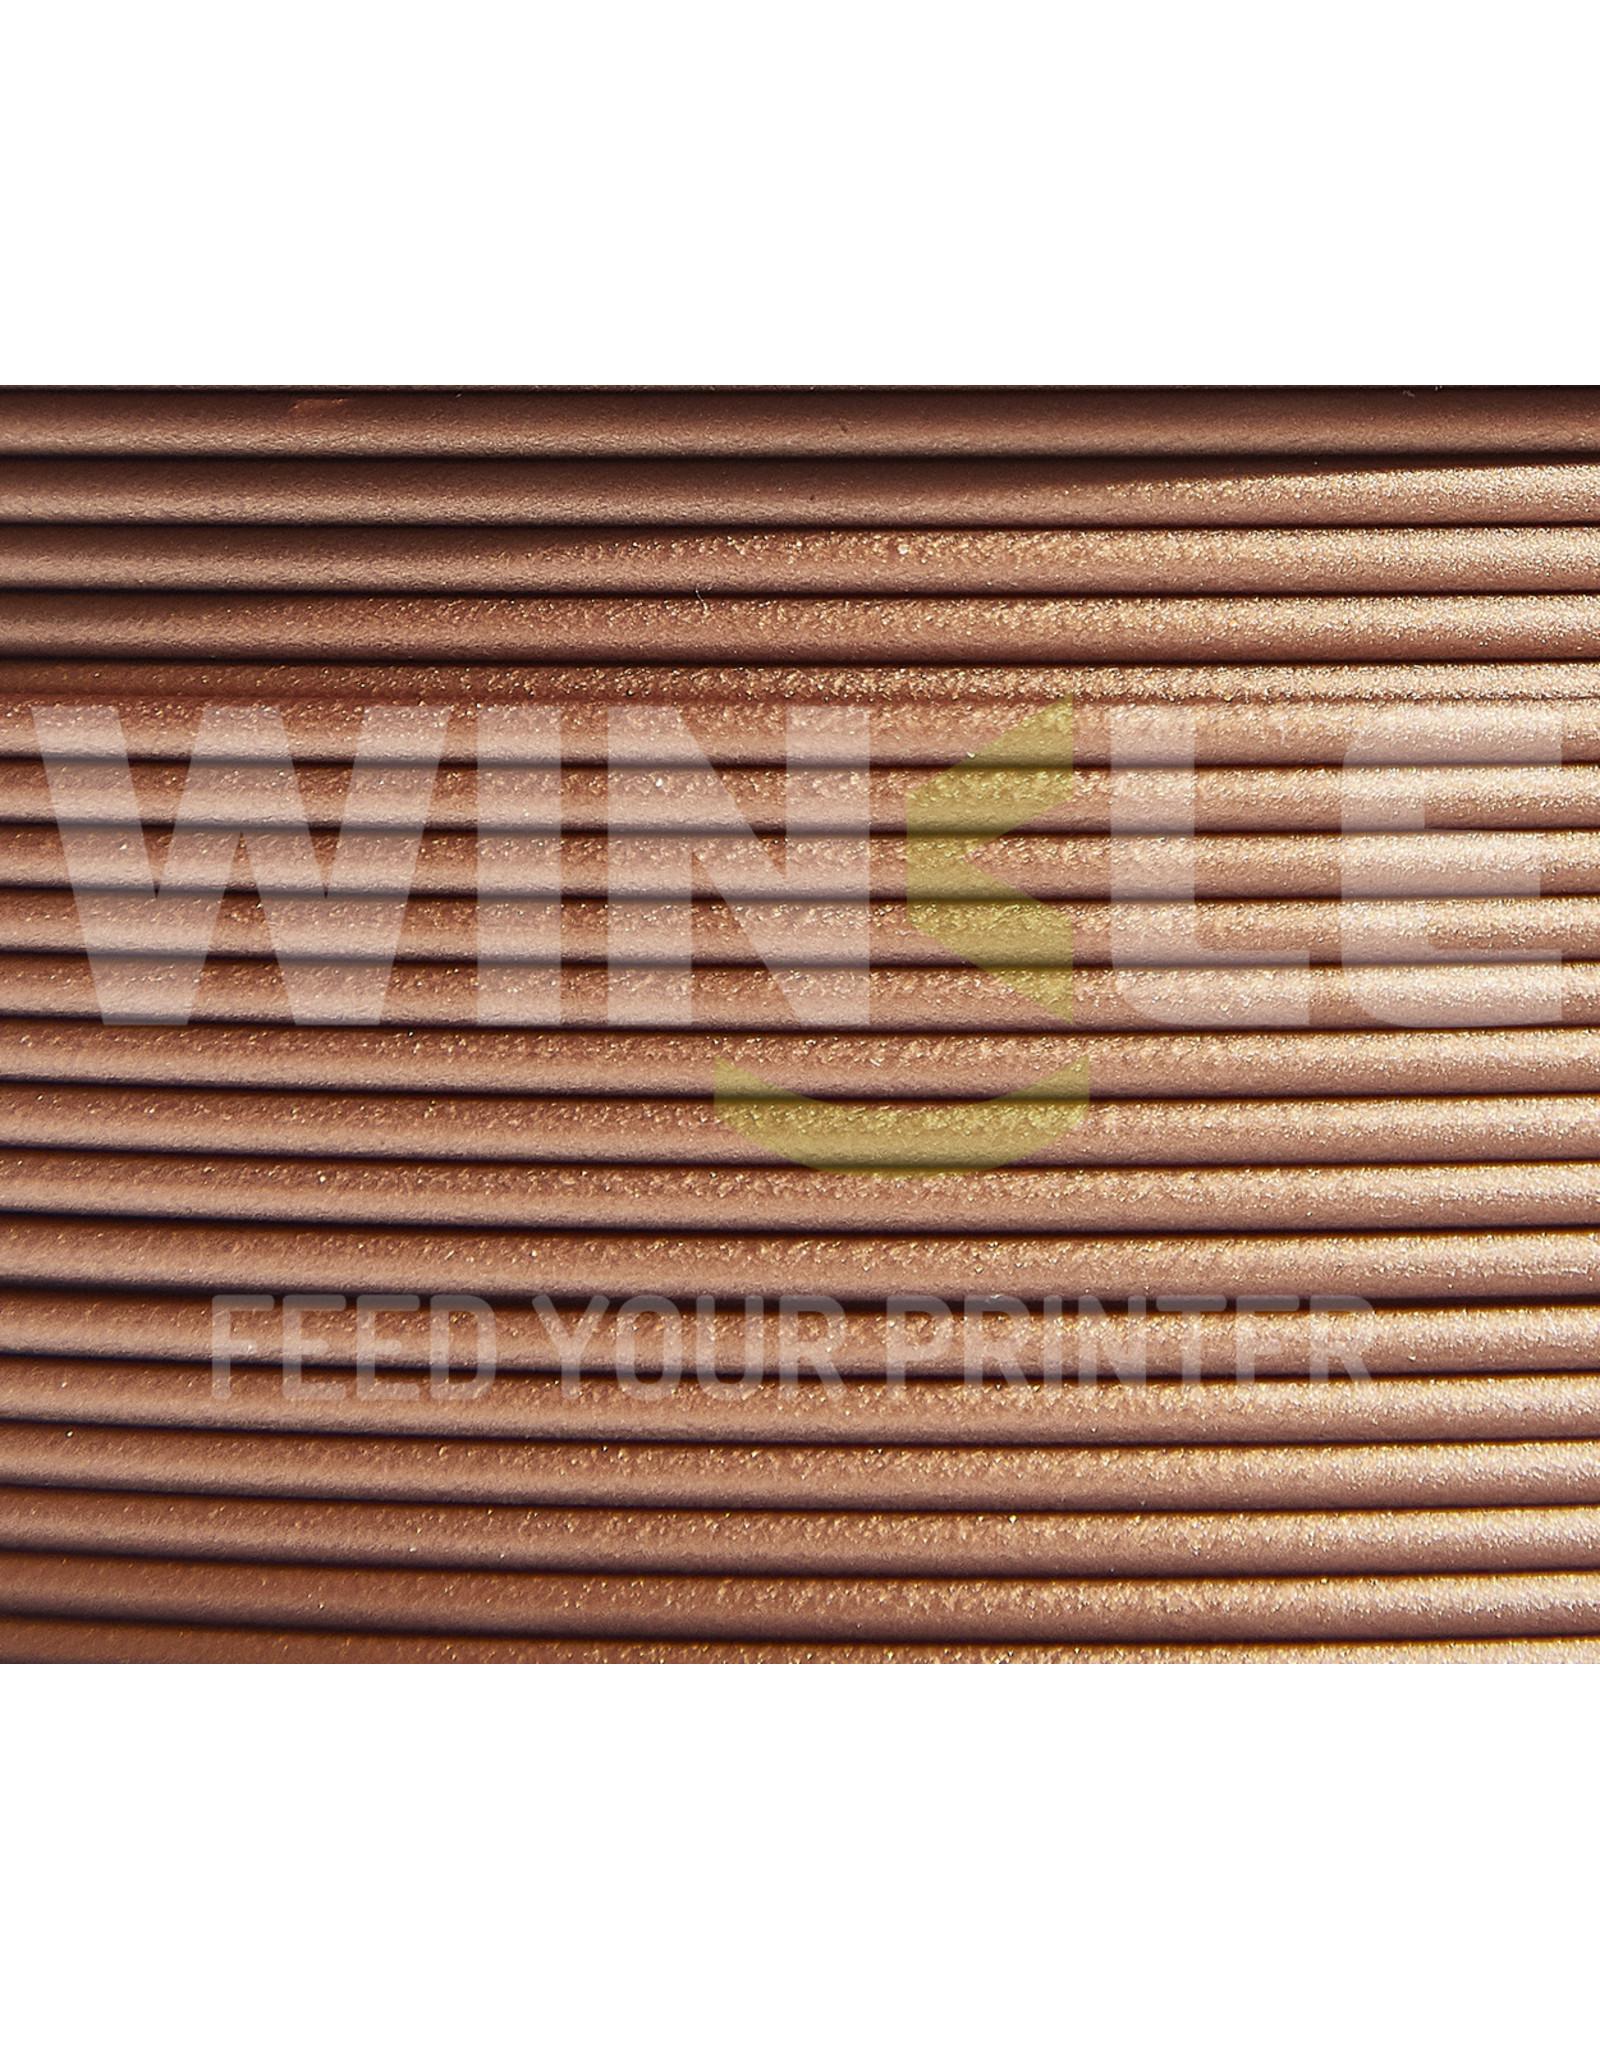 WINKLE PLA-HD WINKLE 1kg Copper